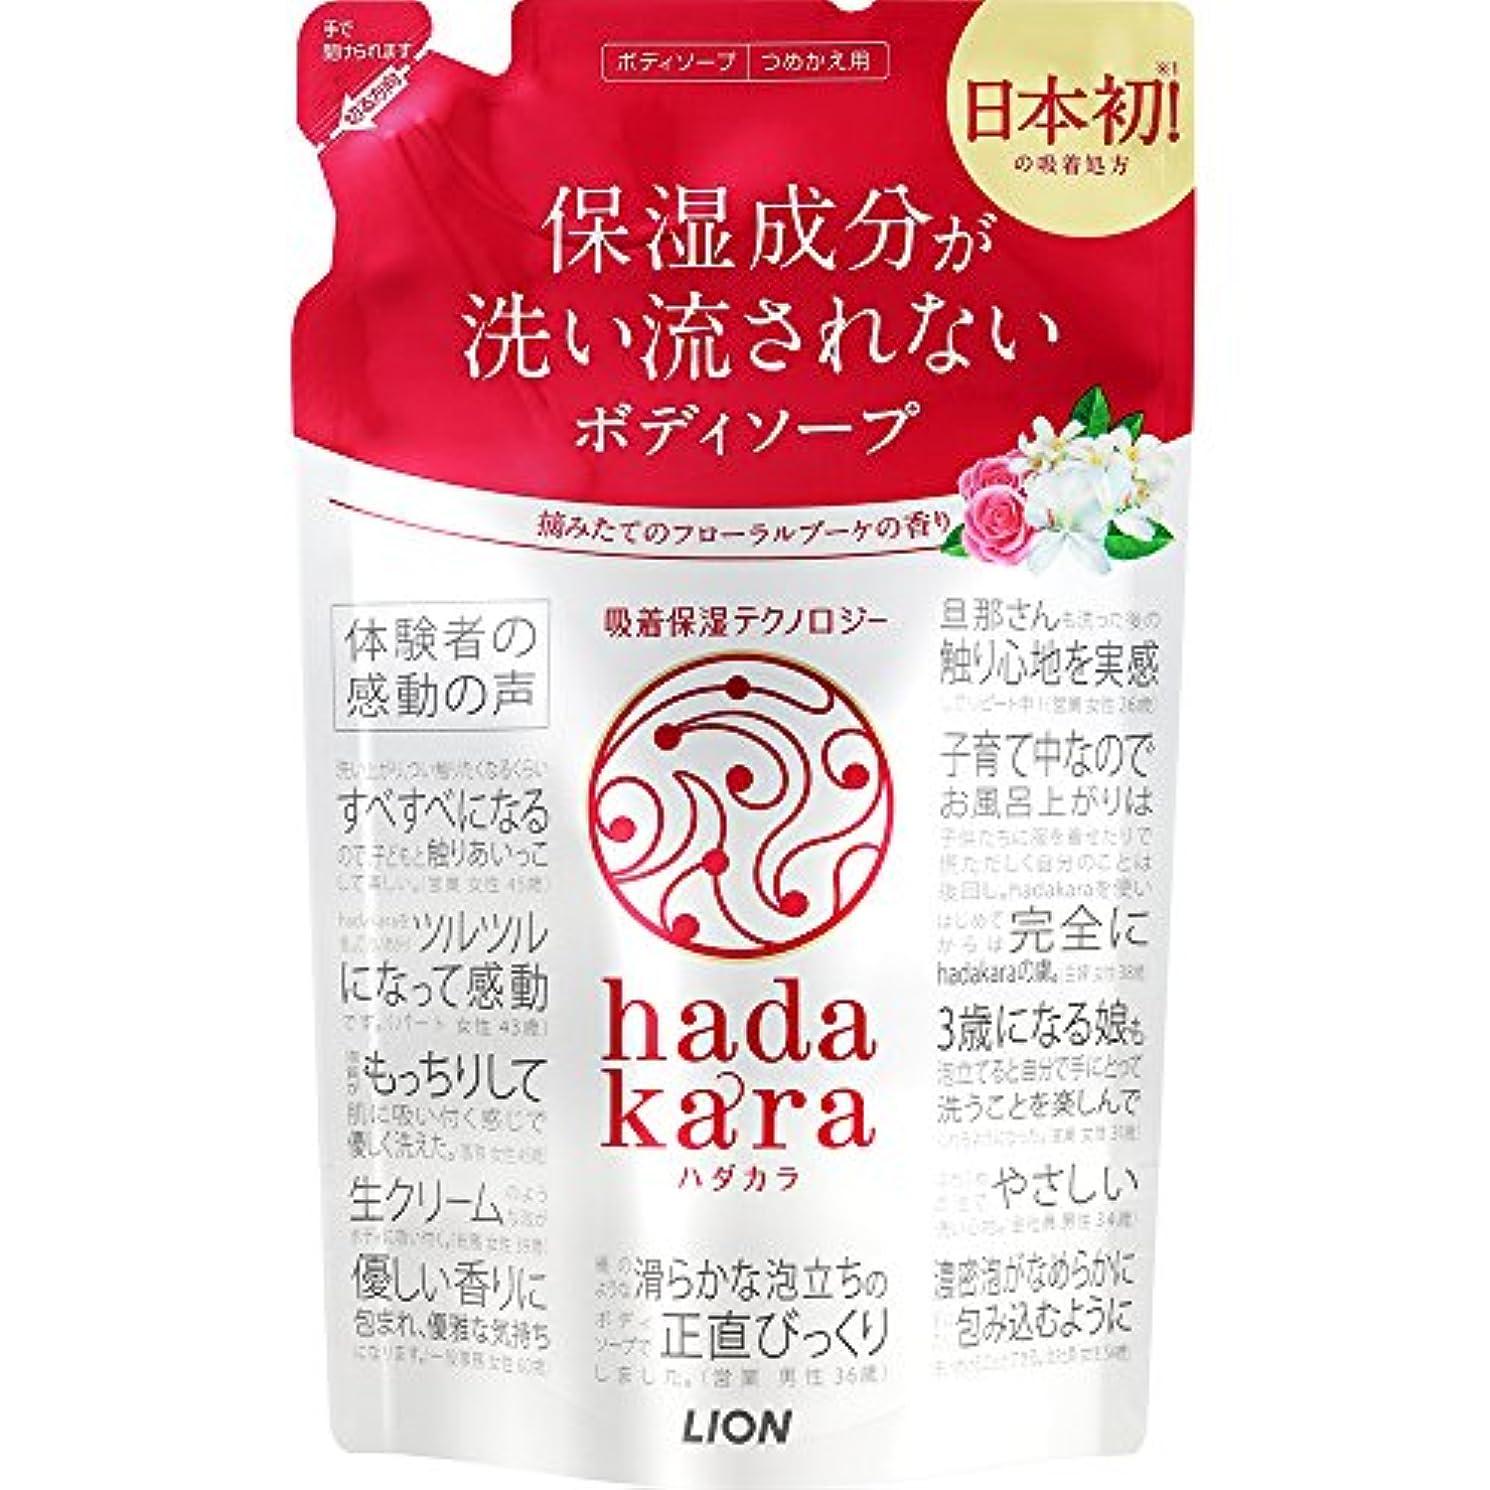 hadakara(ハダカラ) ボディソープ フローラルブーケの香り 詰め替え 360ml